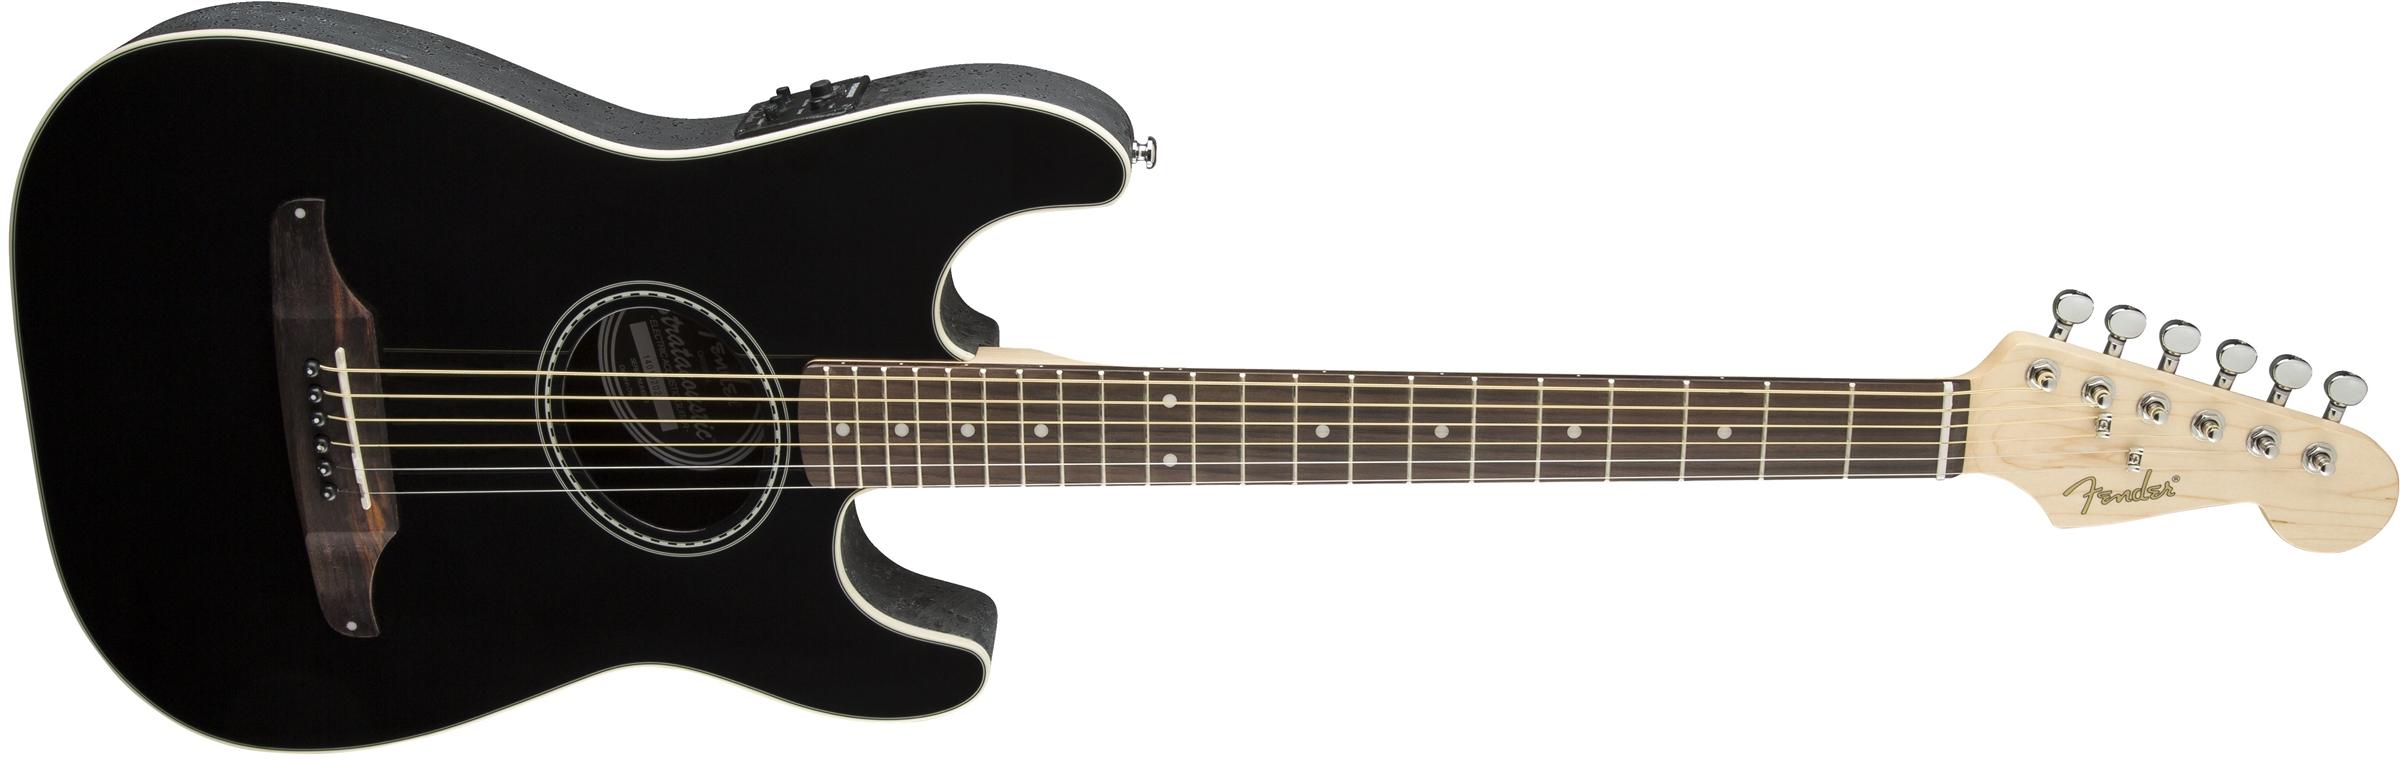 stratacoustic black fender acoustic guitars. Black Bedroom Furniture Sets. Home Design Ideas